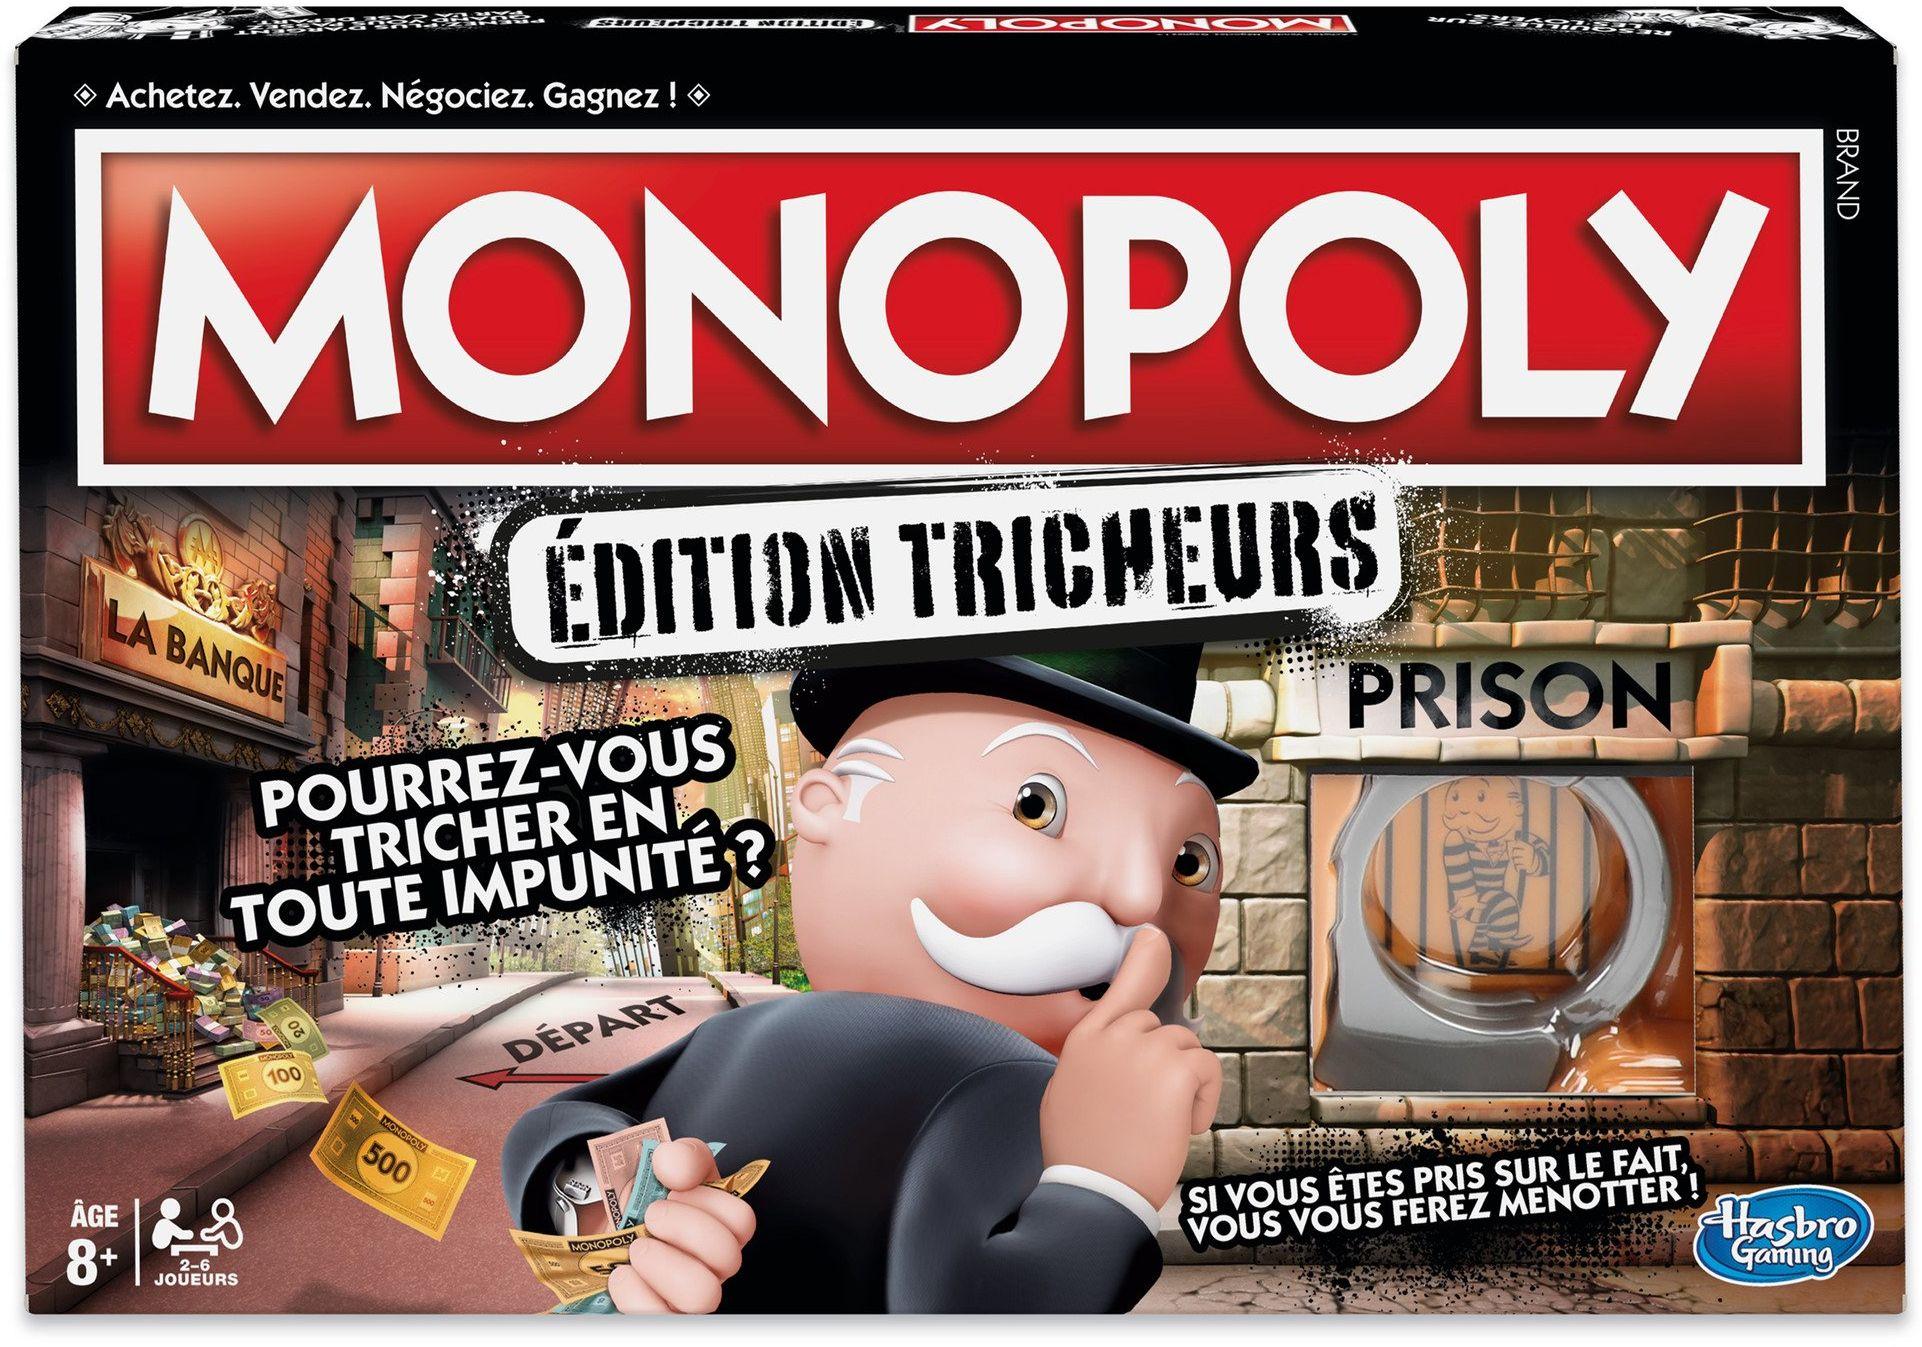 Mme Monopoly - rodzinna gra planszowa - wersja francuska